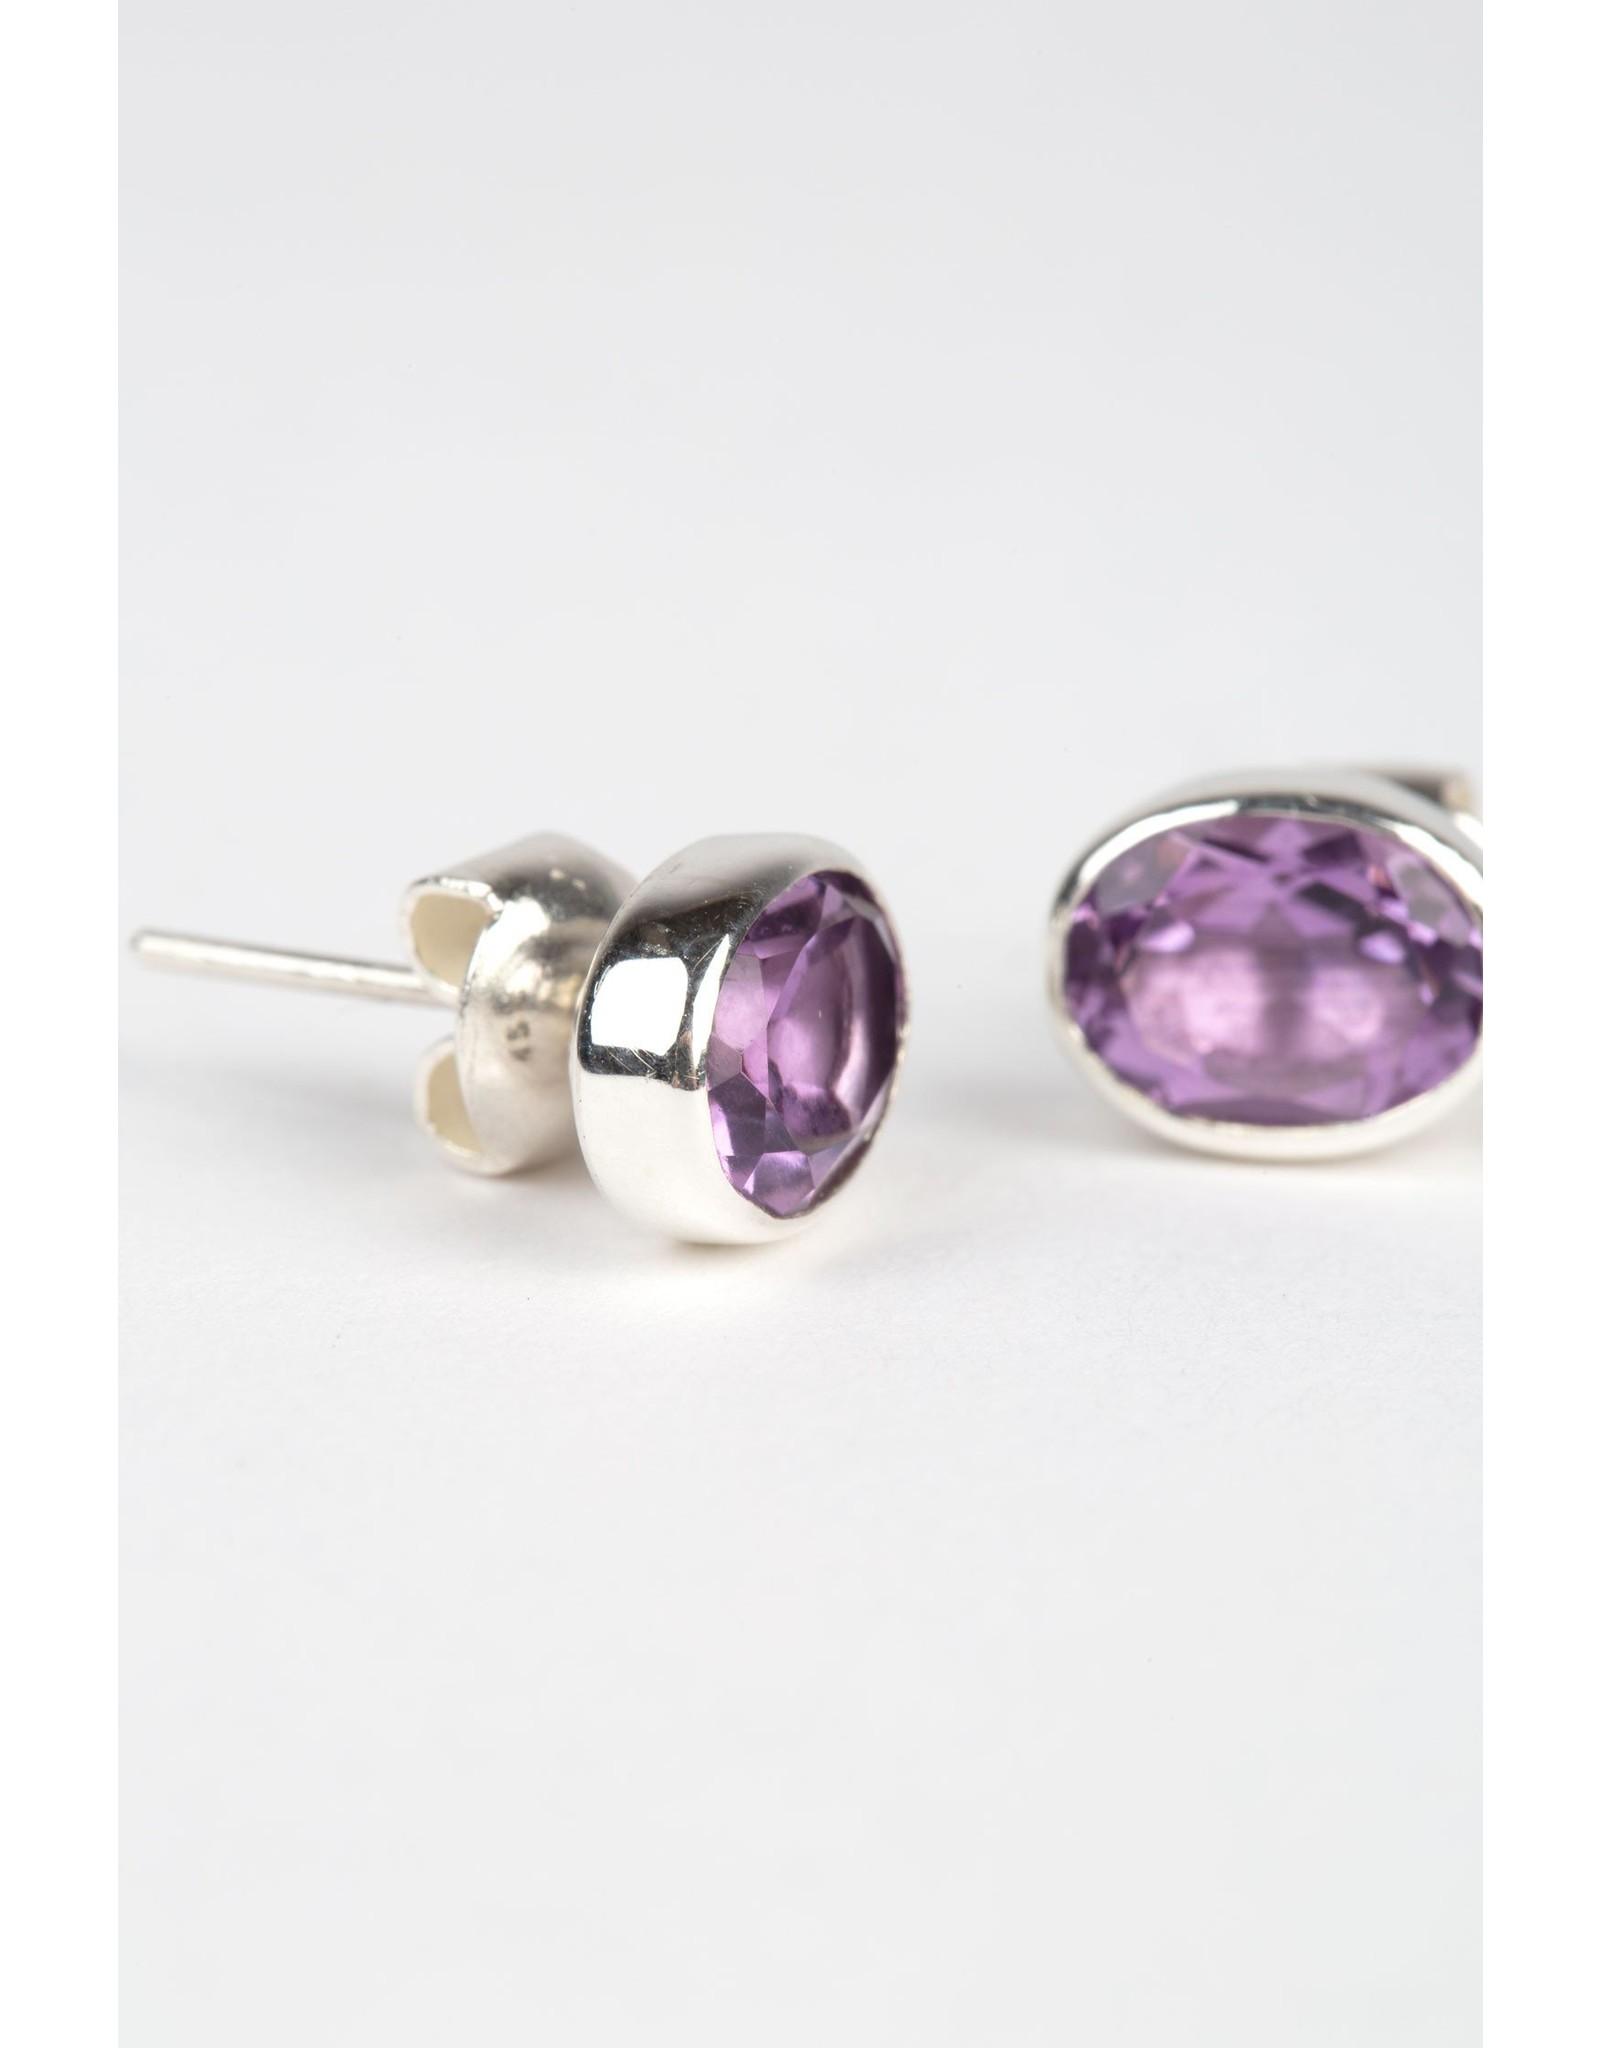 Oval Amethyst Sterling Earrings